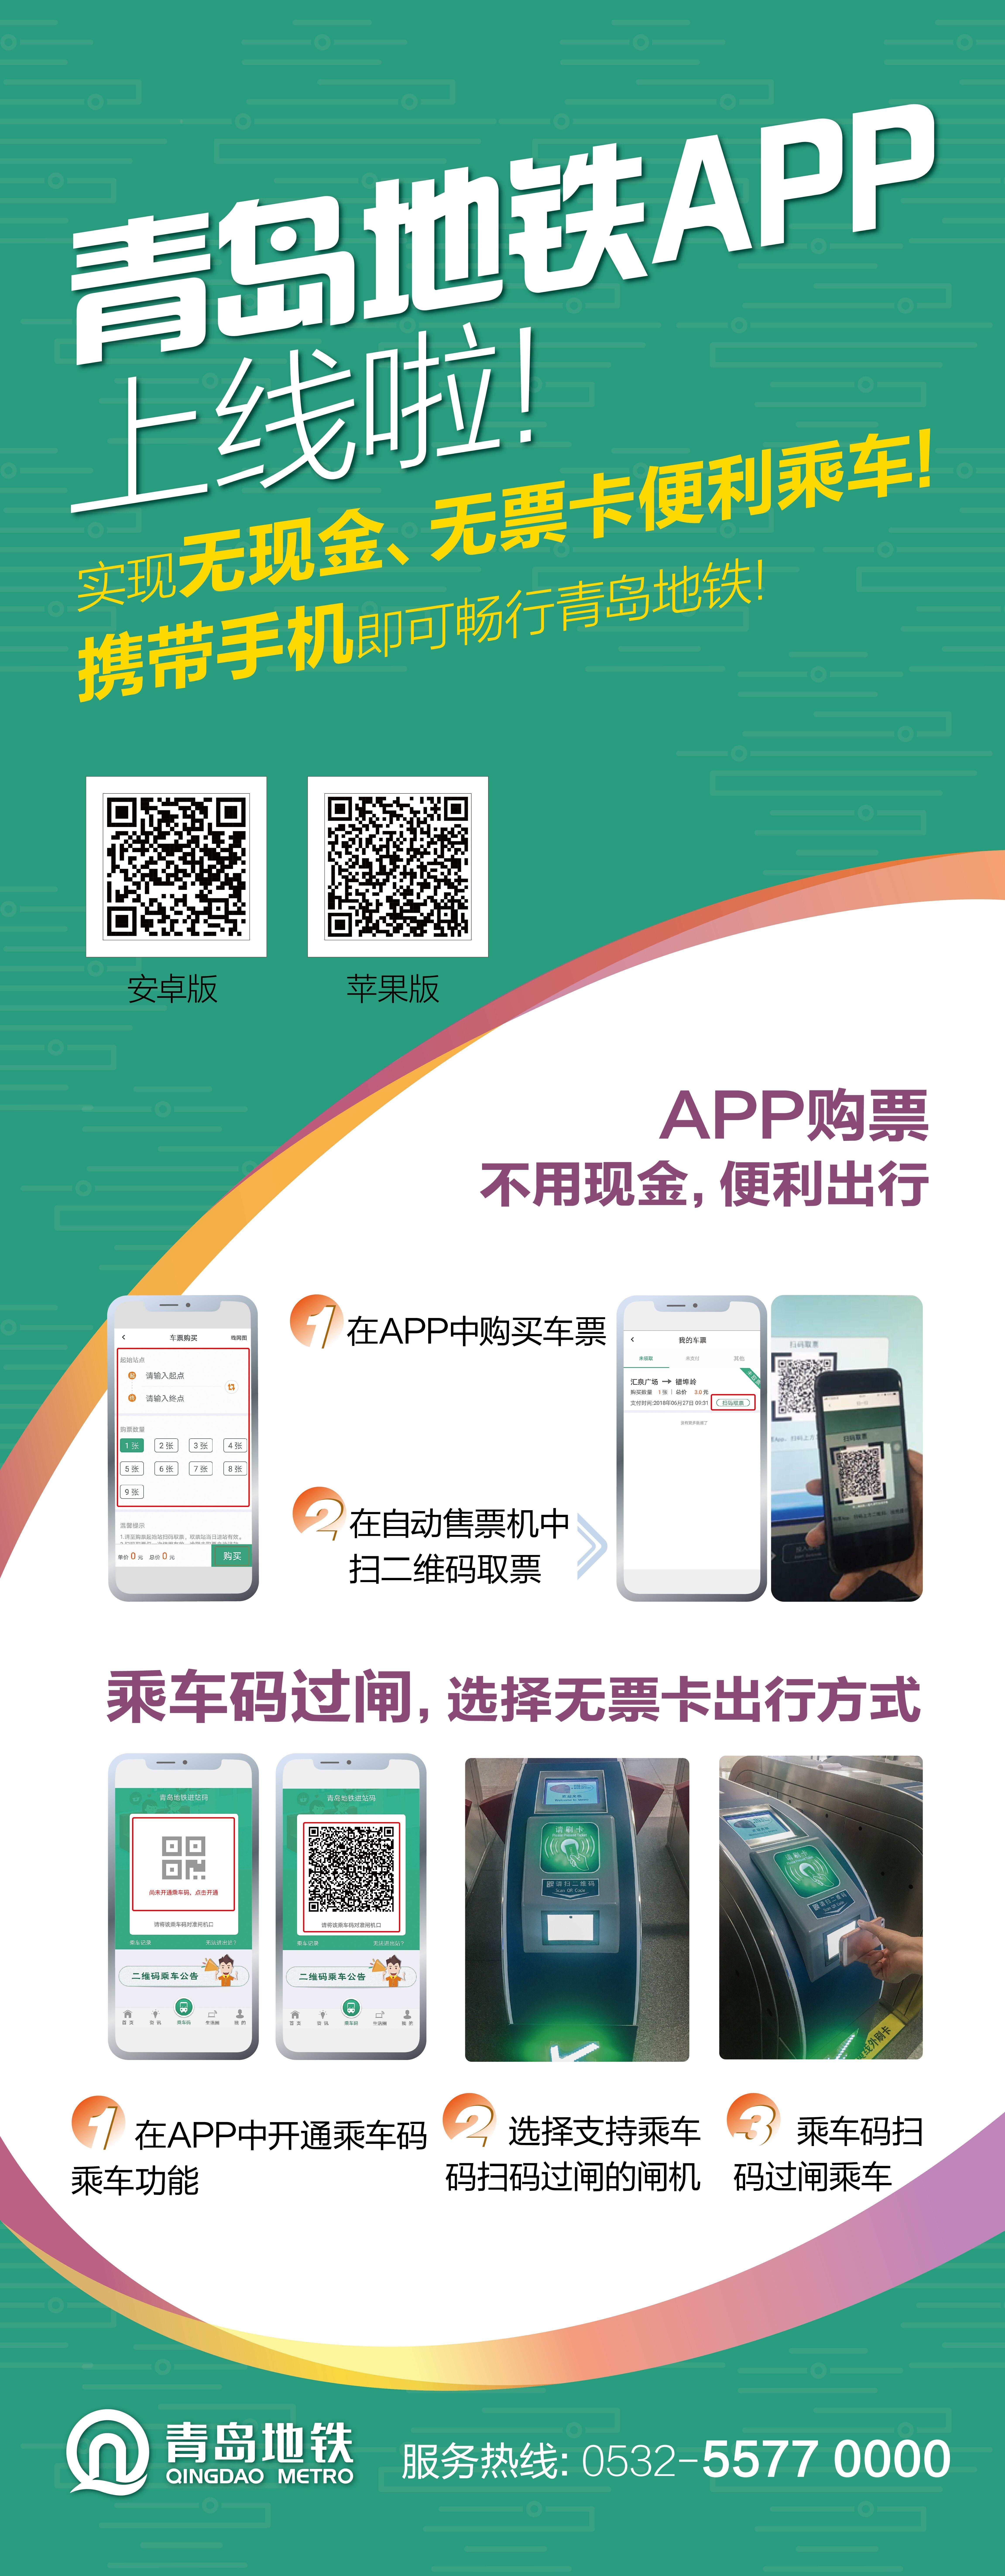 青岛今起手机扫码就能坐地铁 3条线均可免现金乘车